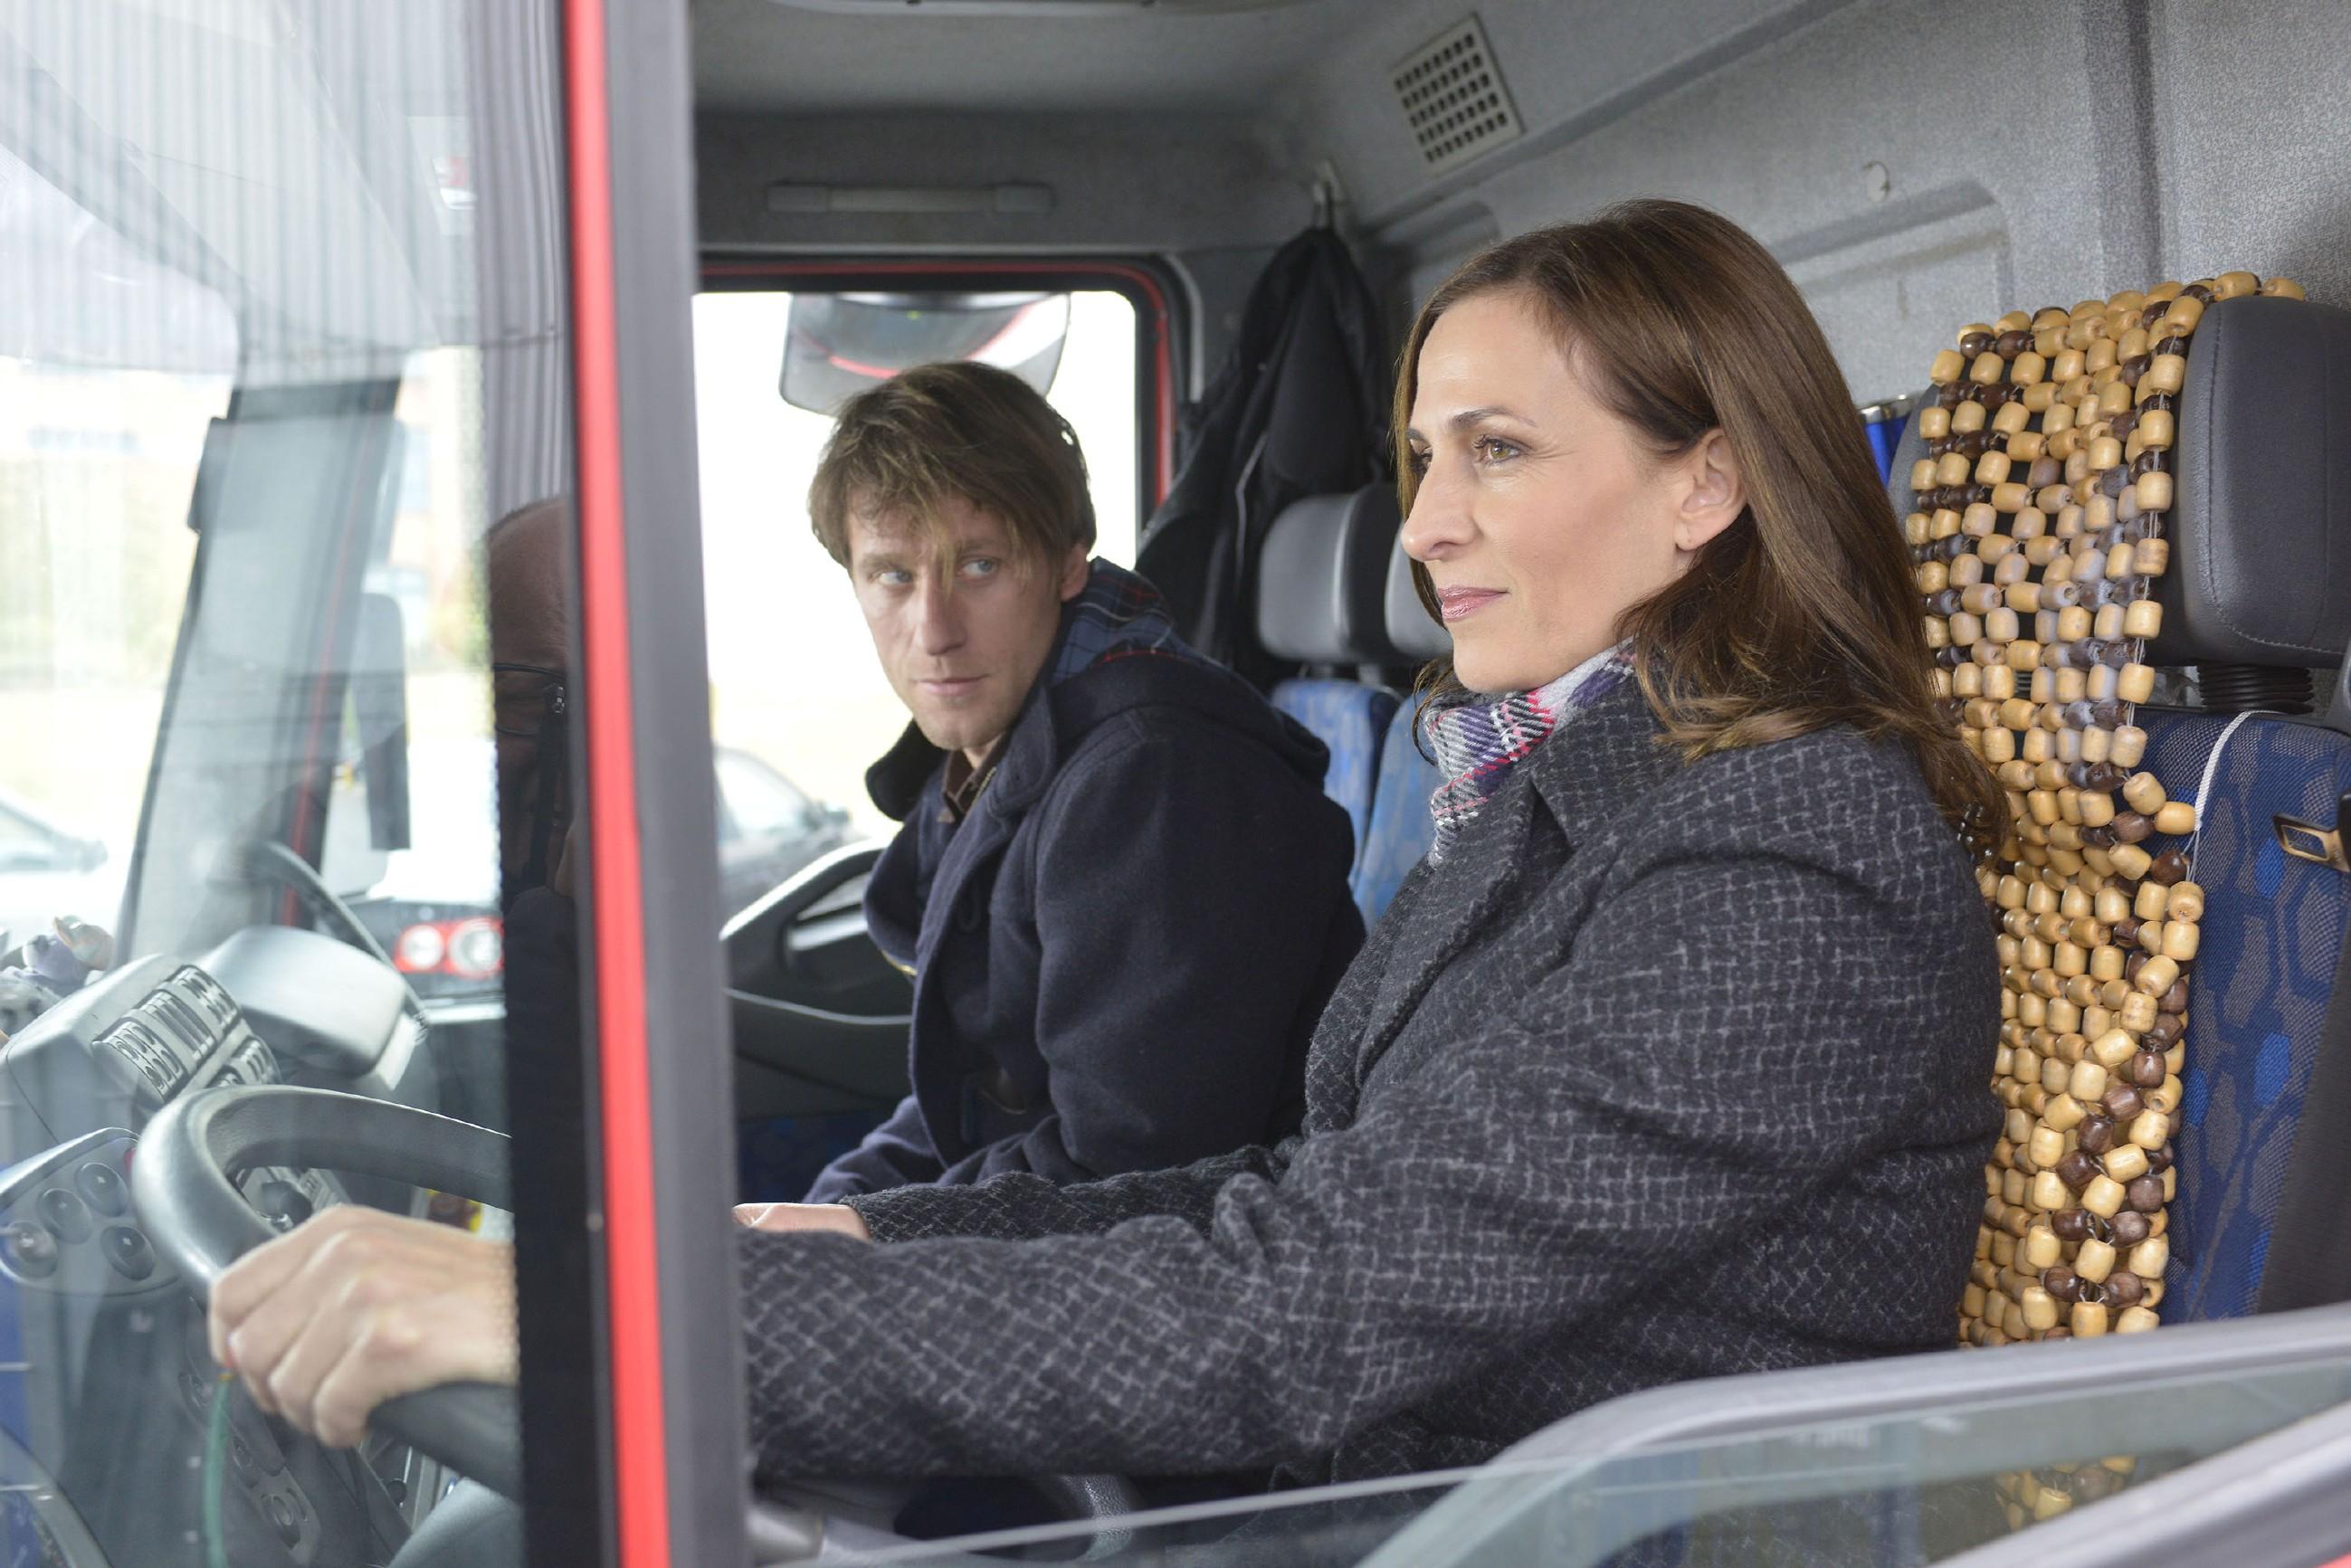 Als Tills (Merlin Leonhardt) Plan, den LKW mit Kleidung für die Obdachlosen zu klauen, an seinem Handicap zu scheitern droht, springt Katrin (Ulrike Frank) ein und fährt den Lastwagen...